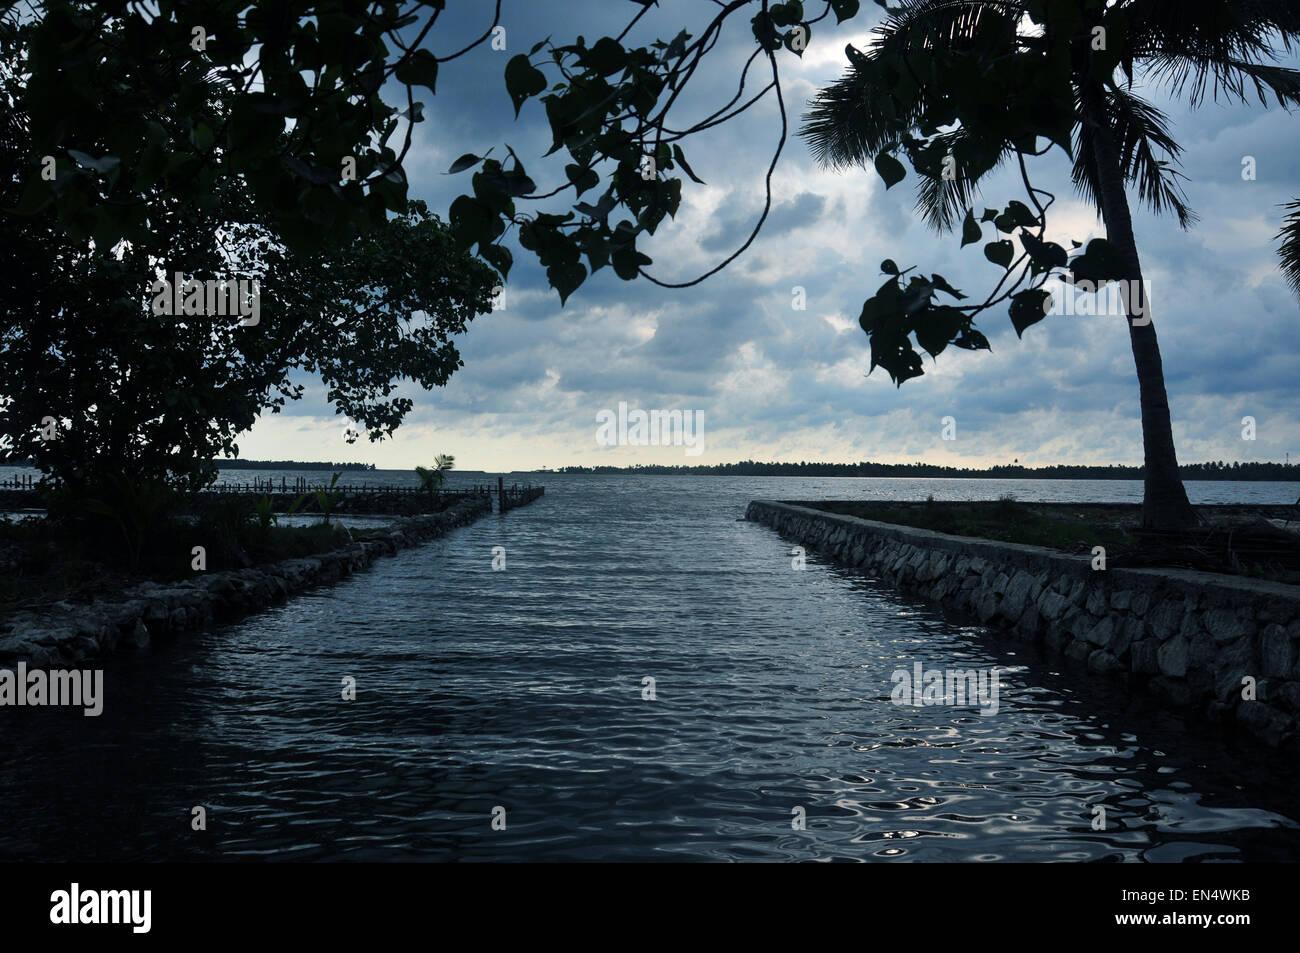 L'eau en perspective. Photo Stock